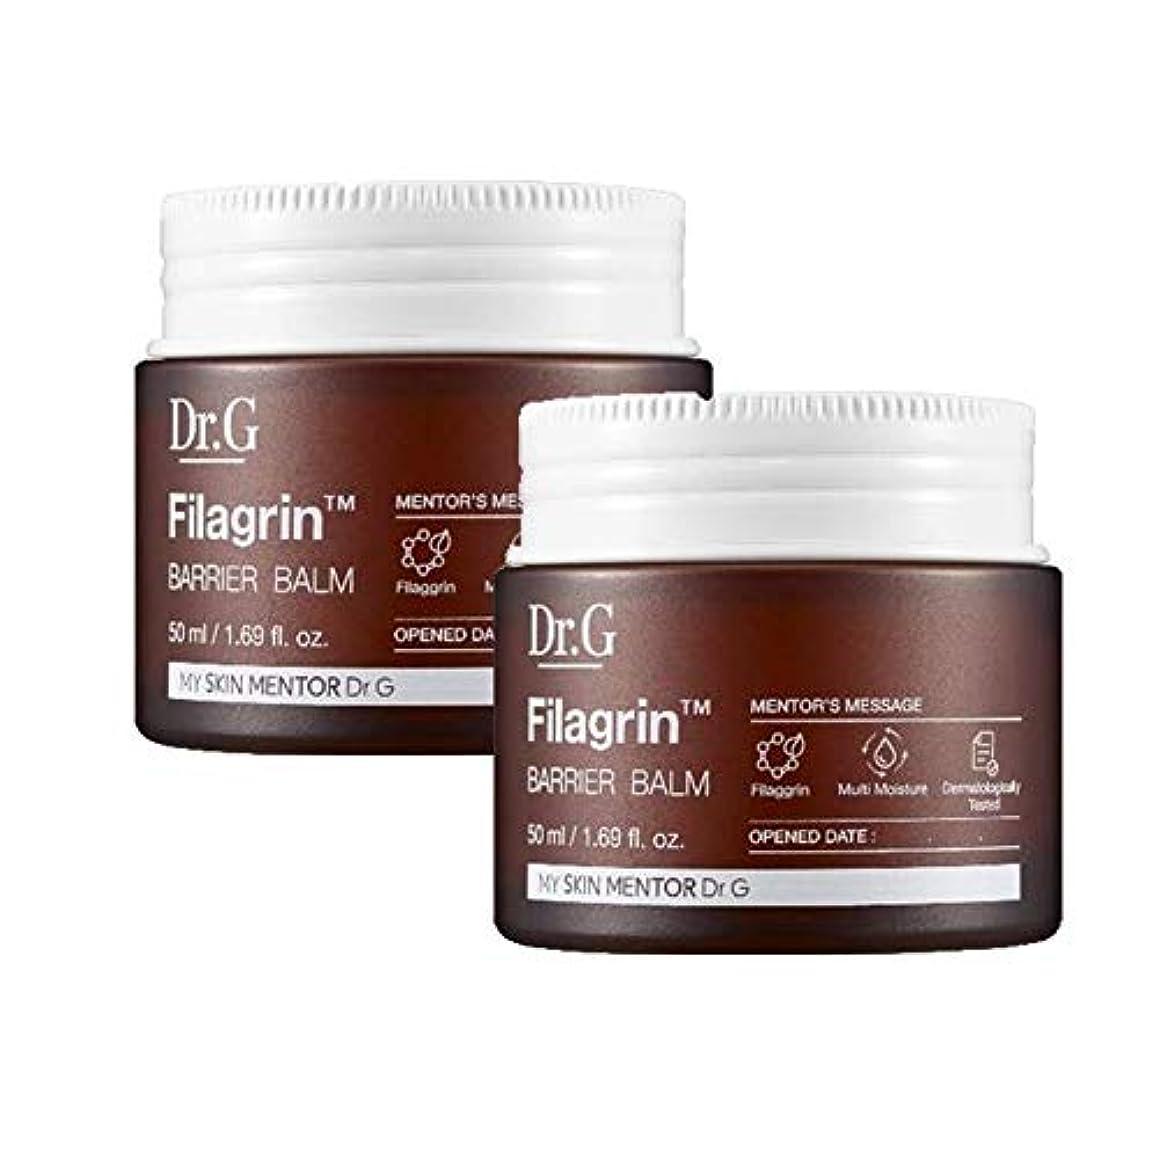 効能ある神秘入札ドクターGピラーグリーンバリアBalm 50mlx2本セット お肌の保湿 韓国コスメ、Dr.G Filagrin Barrier Balm 50ml x 2ea Set Korean Cosmetics [並行輸入品]